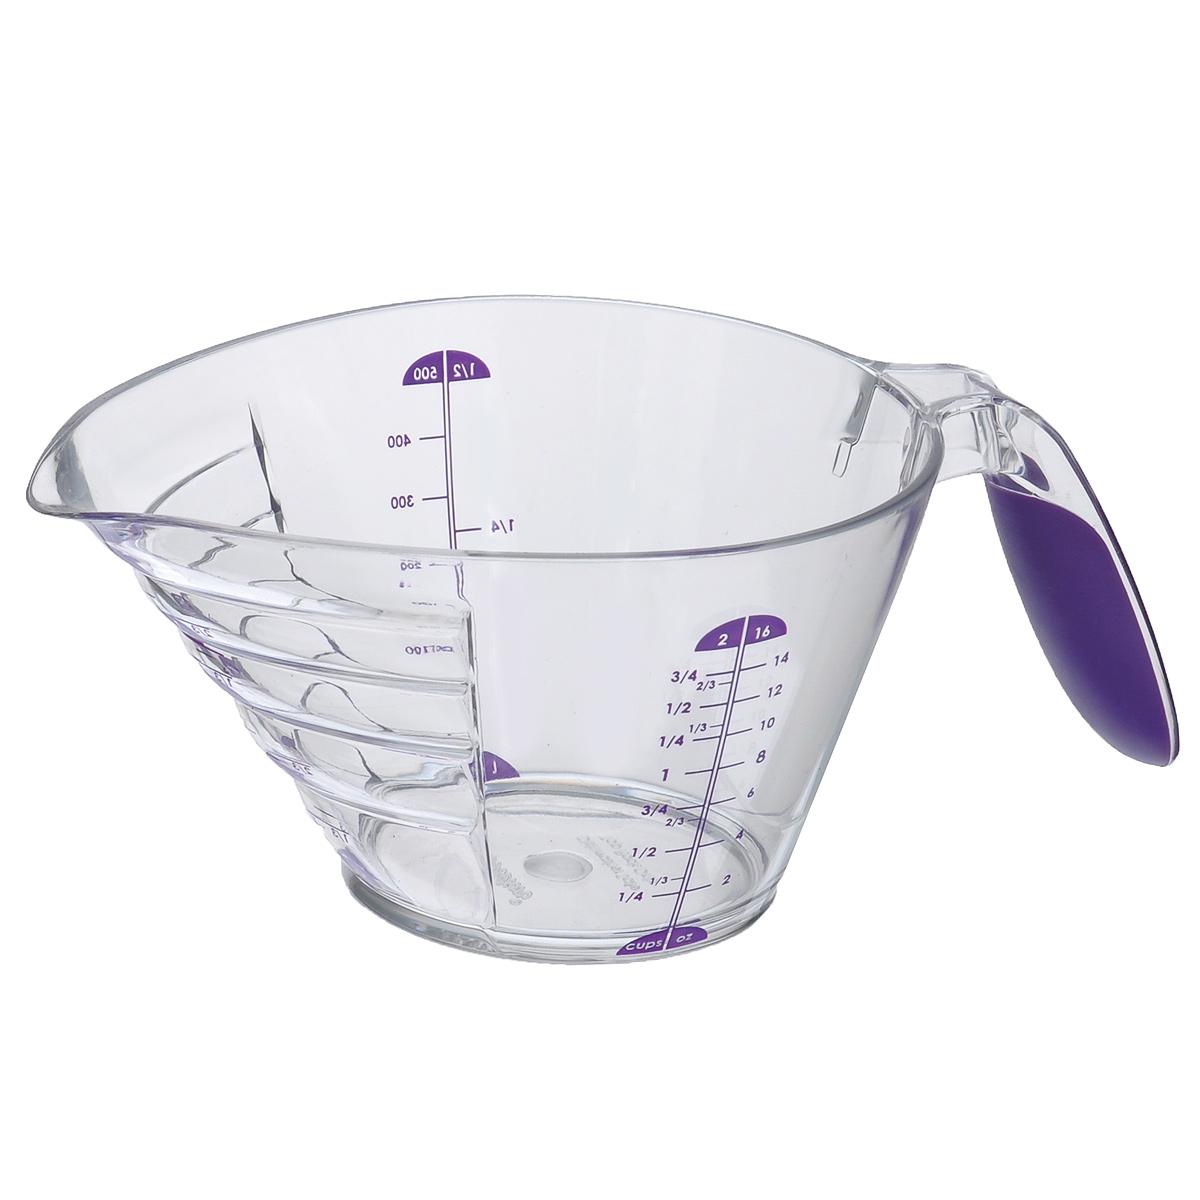 Чаша мерная Wilton, цвет: фиолетовый, 500 млWLT-2103-334Мерный стакан Wilton выполнен из высококачественного пластика с прорезиненной ручкой. Ступенчатый дизайн позволяет удобно отмерять вещества и читать шкалу. Можно мыть в посудомоечной машине.